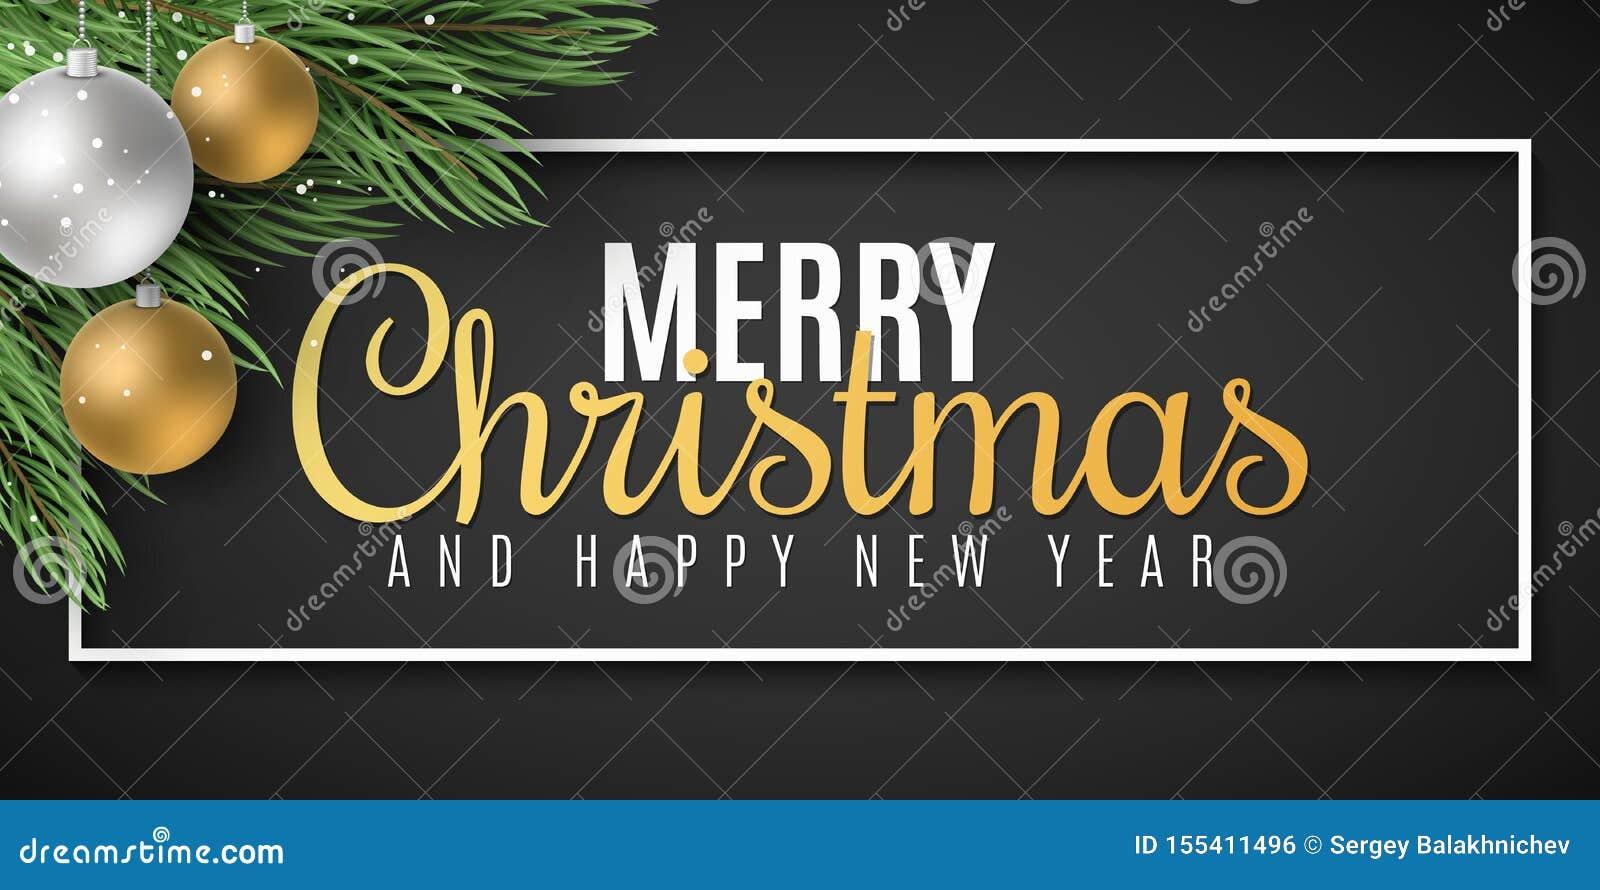 carte joyeux noel 2020 Carte De Voeux Pendant Le Joyeux Noël Et La Bonne Année 2020 Arbre